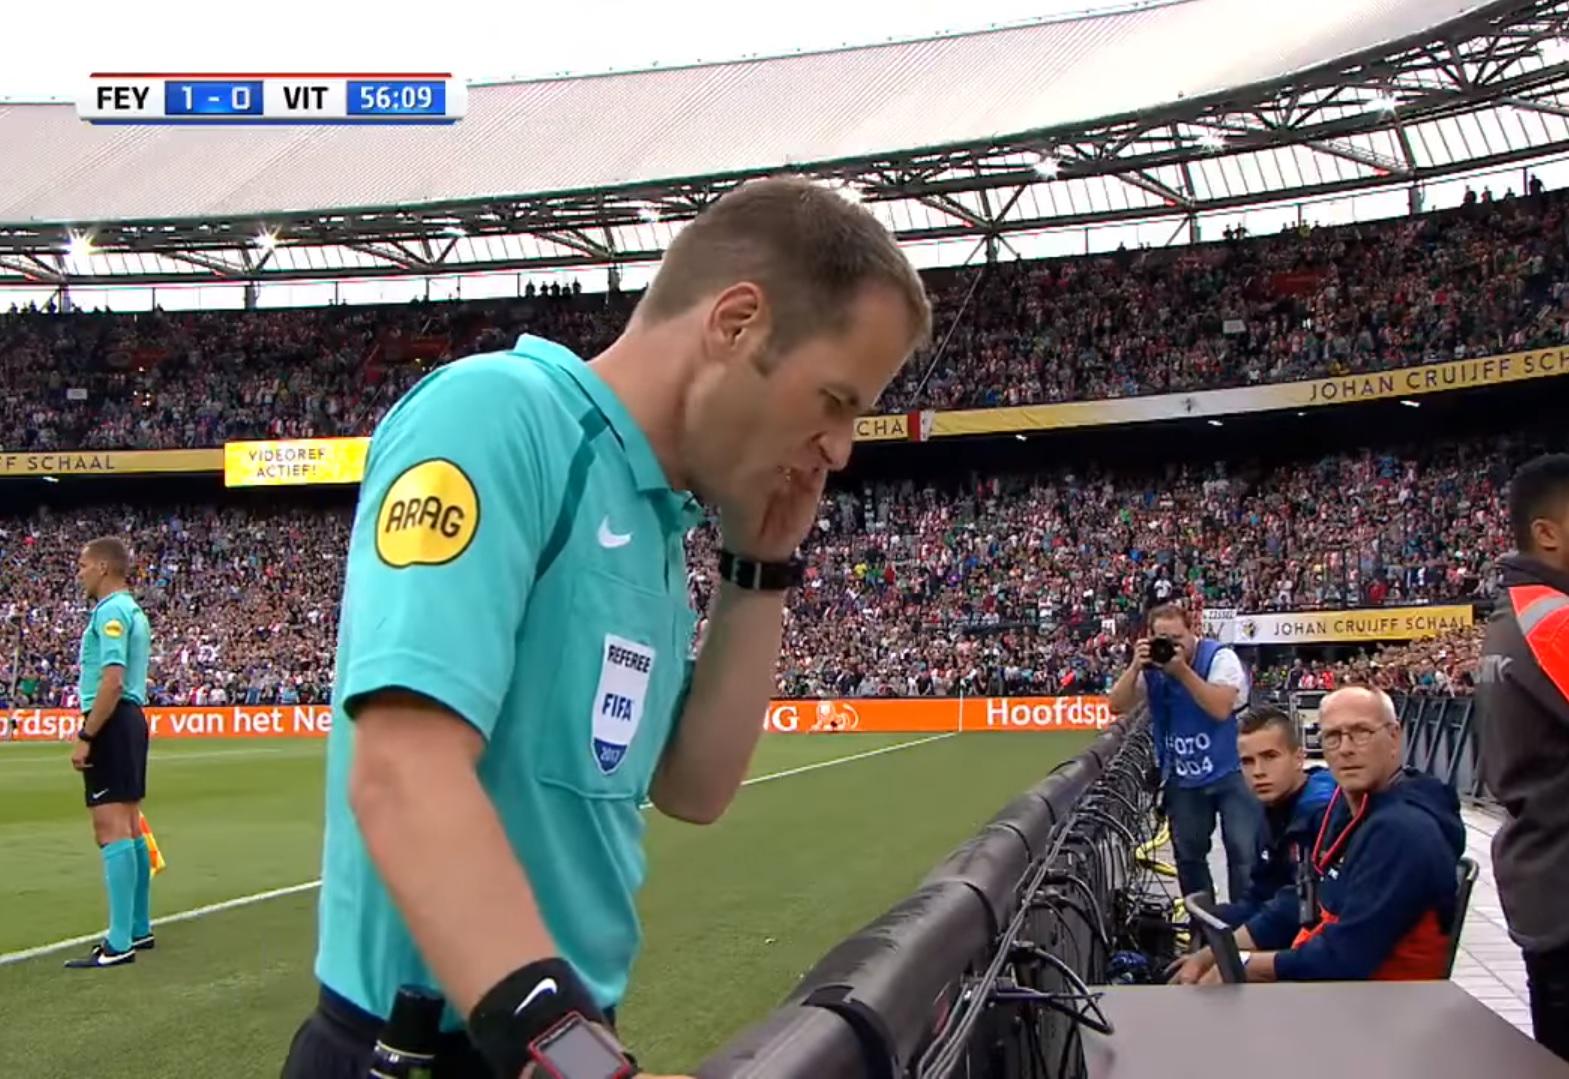 In Olanda frittata VAR: ci mette due minuti e mezzo, nel frattempo si segna un altro goal